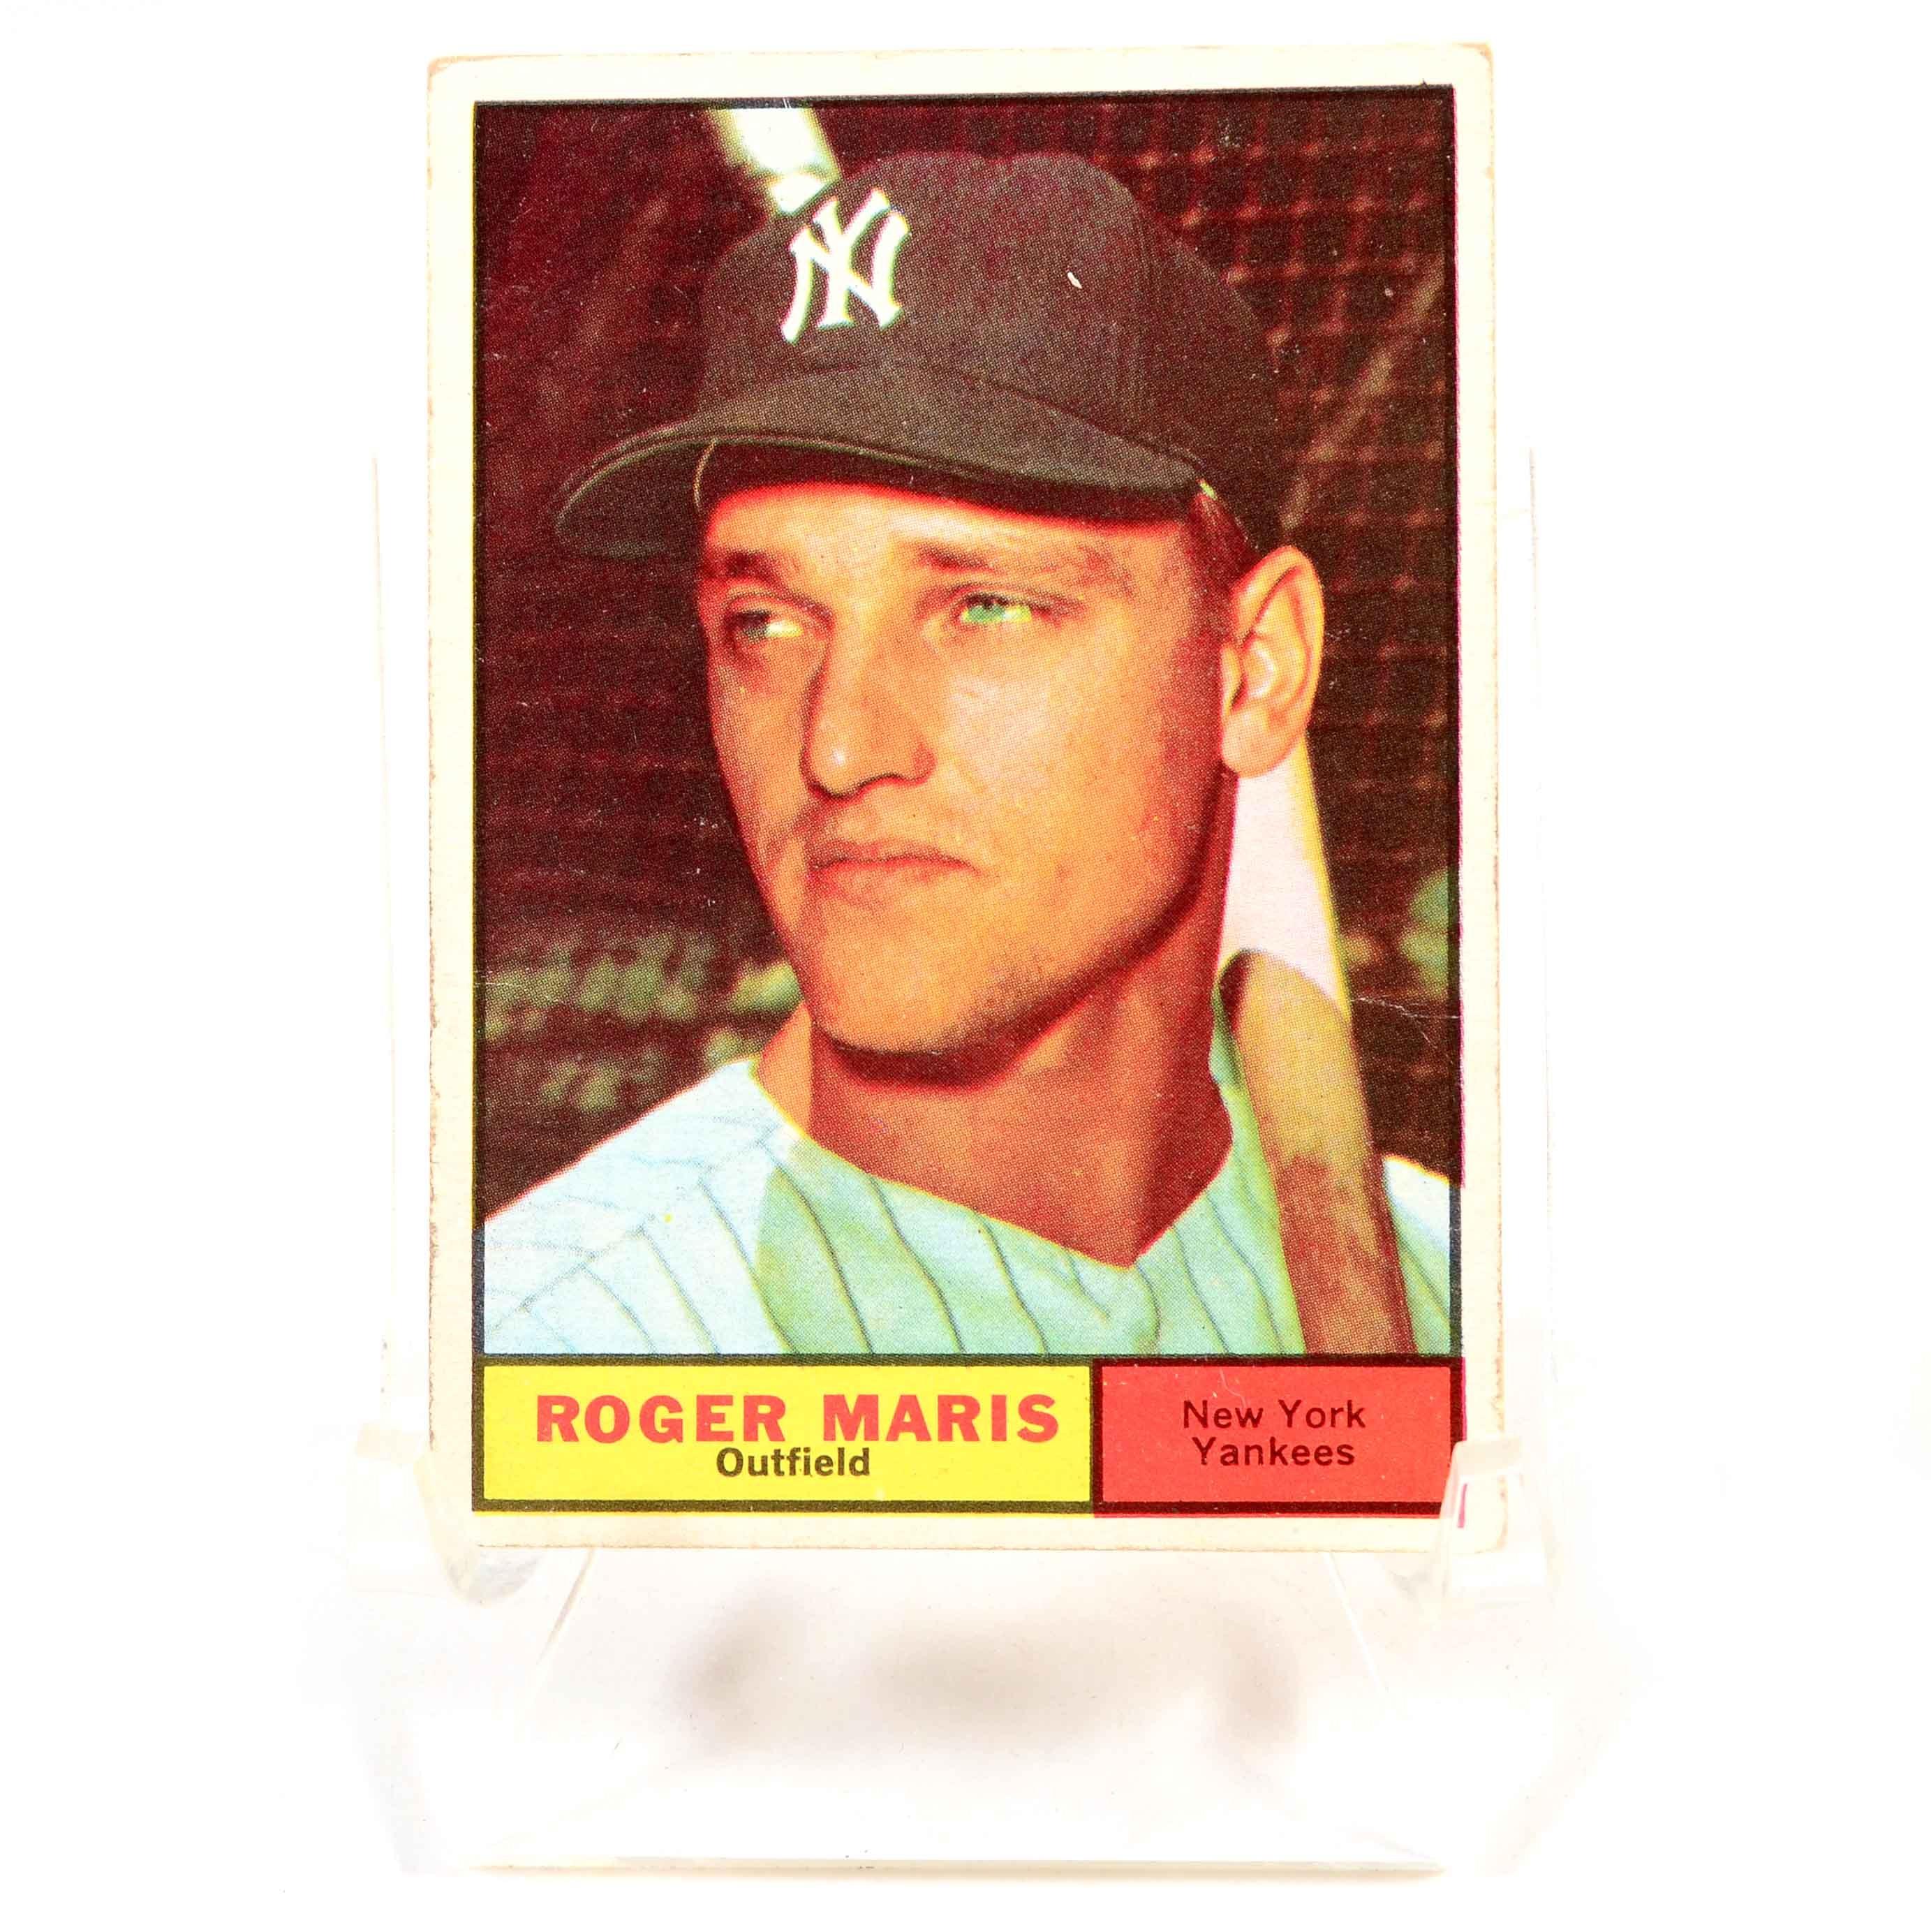 1961 Roger Maris Topps Baseball Card